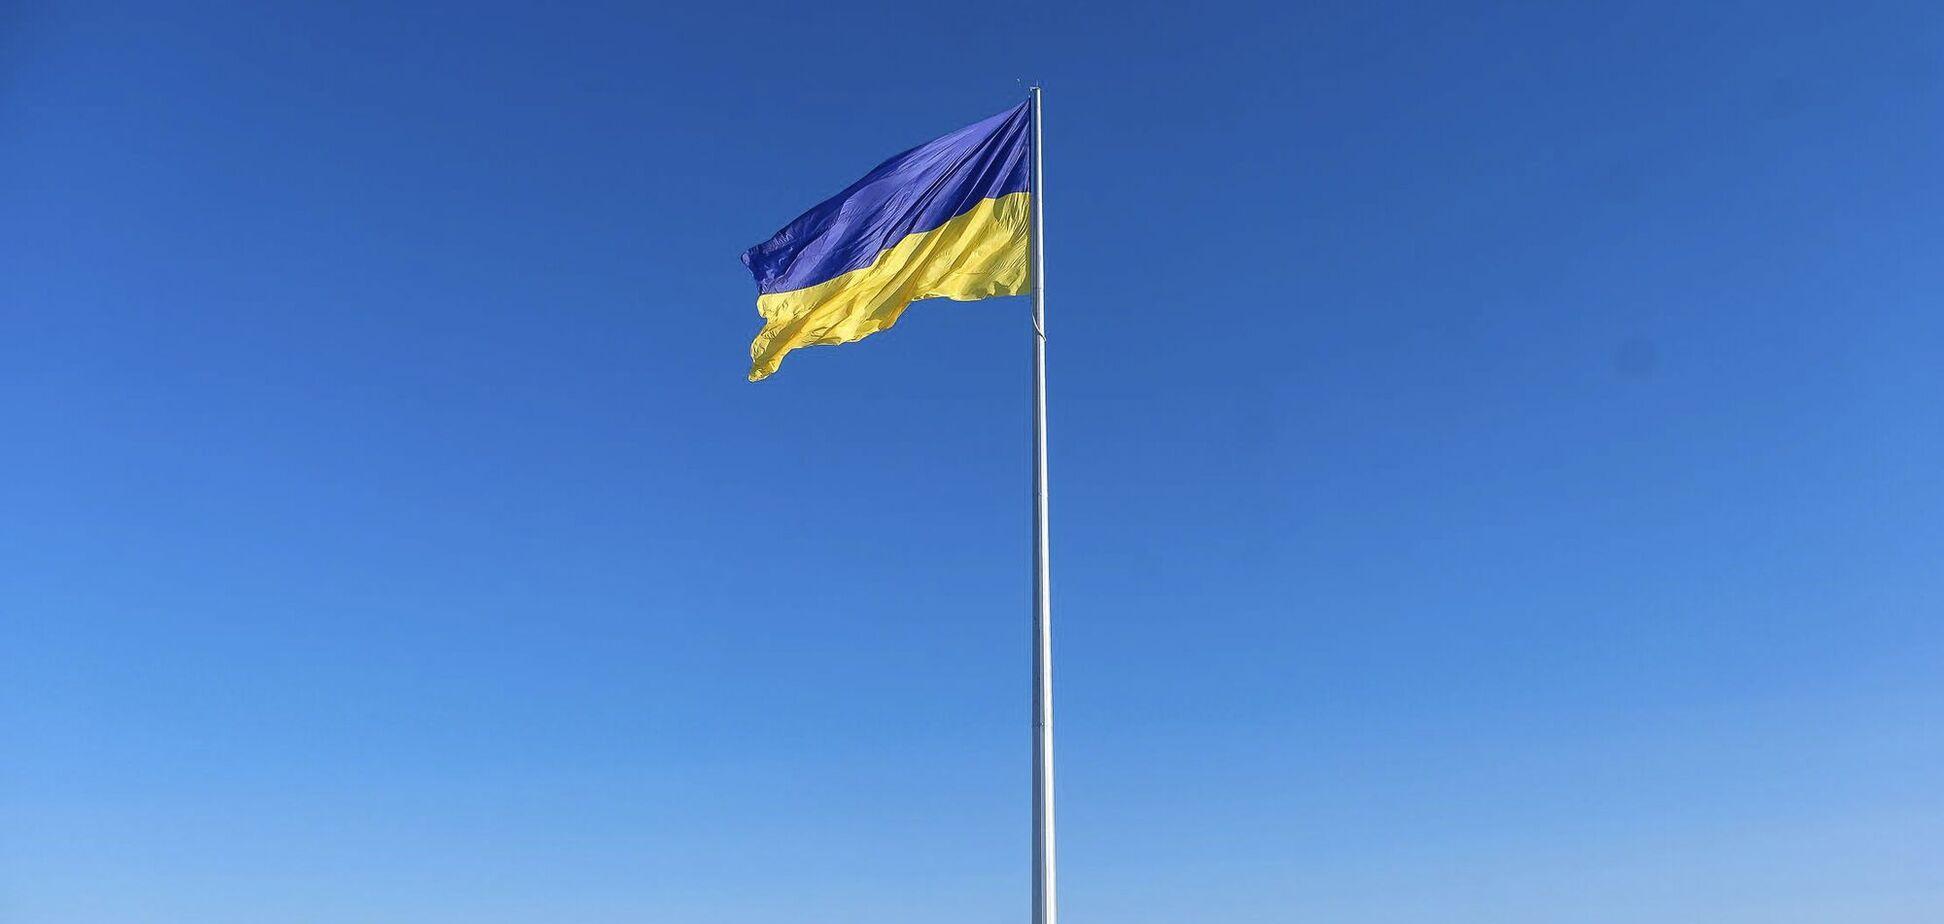 Жителей Днепропетровщины предупредили о возможной опасности в праздничные дни